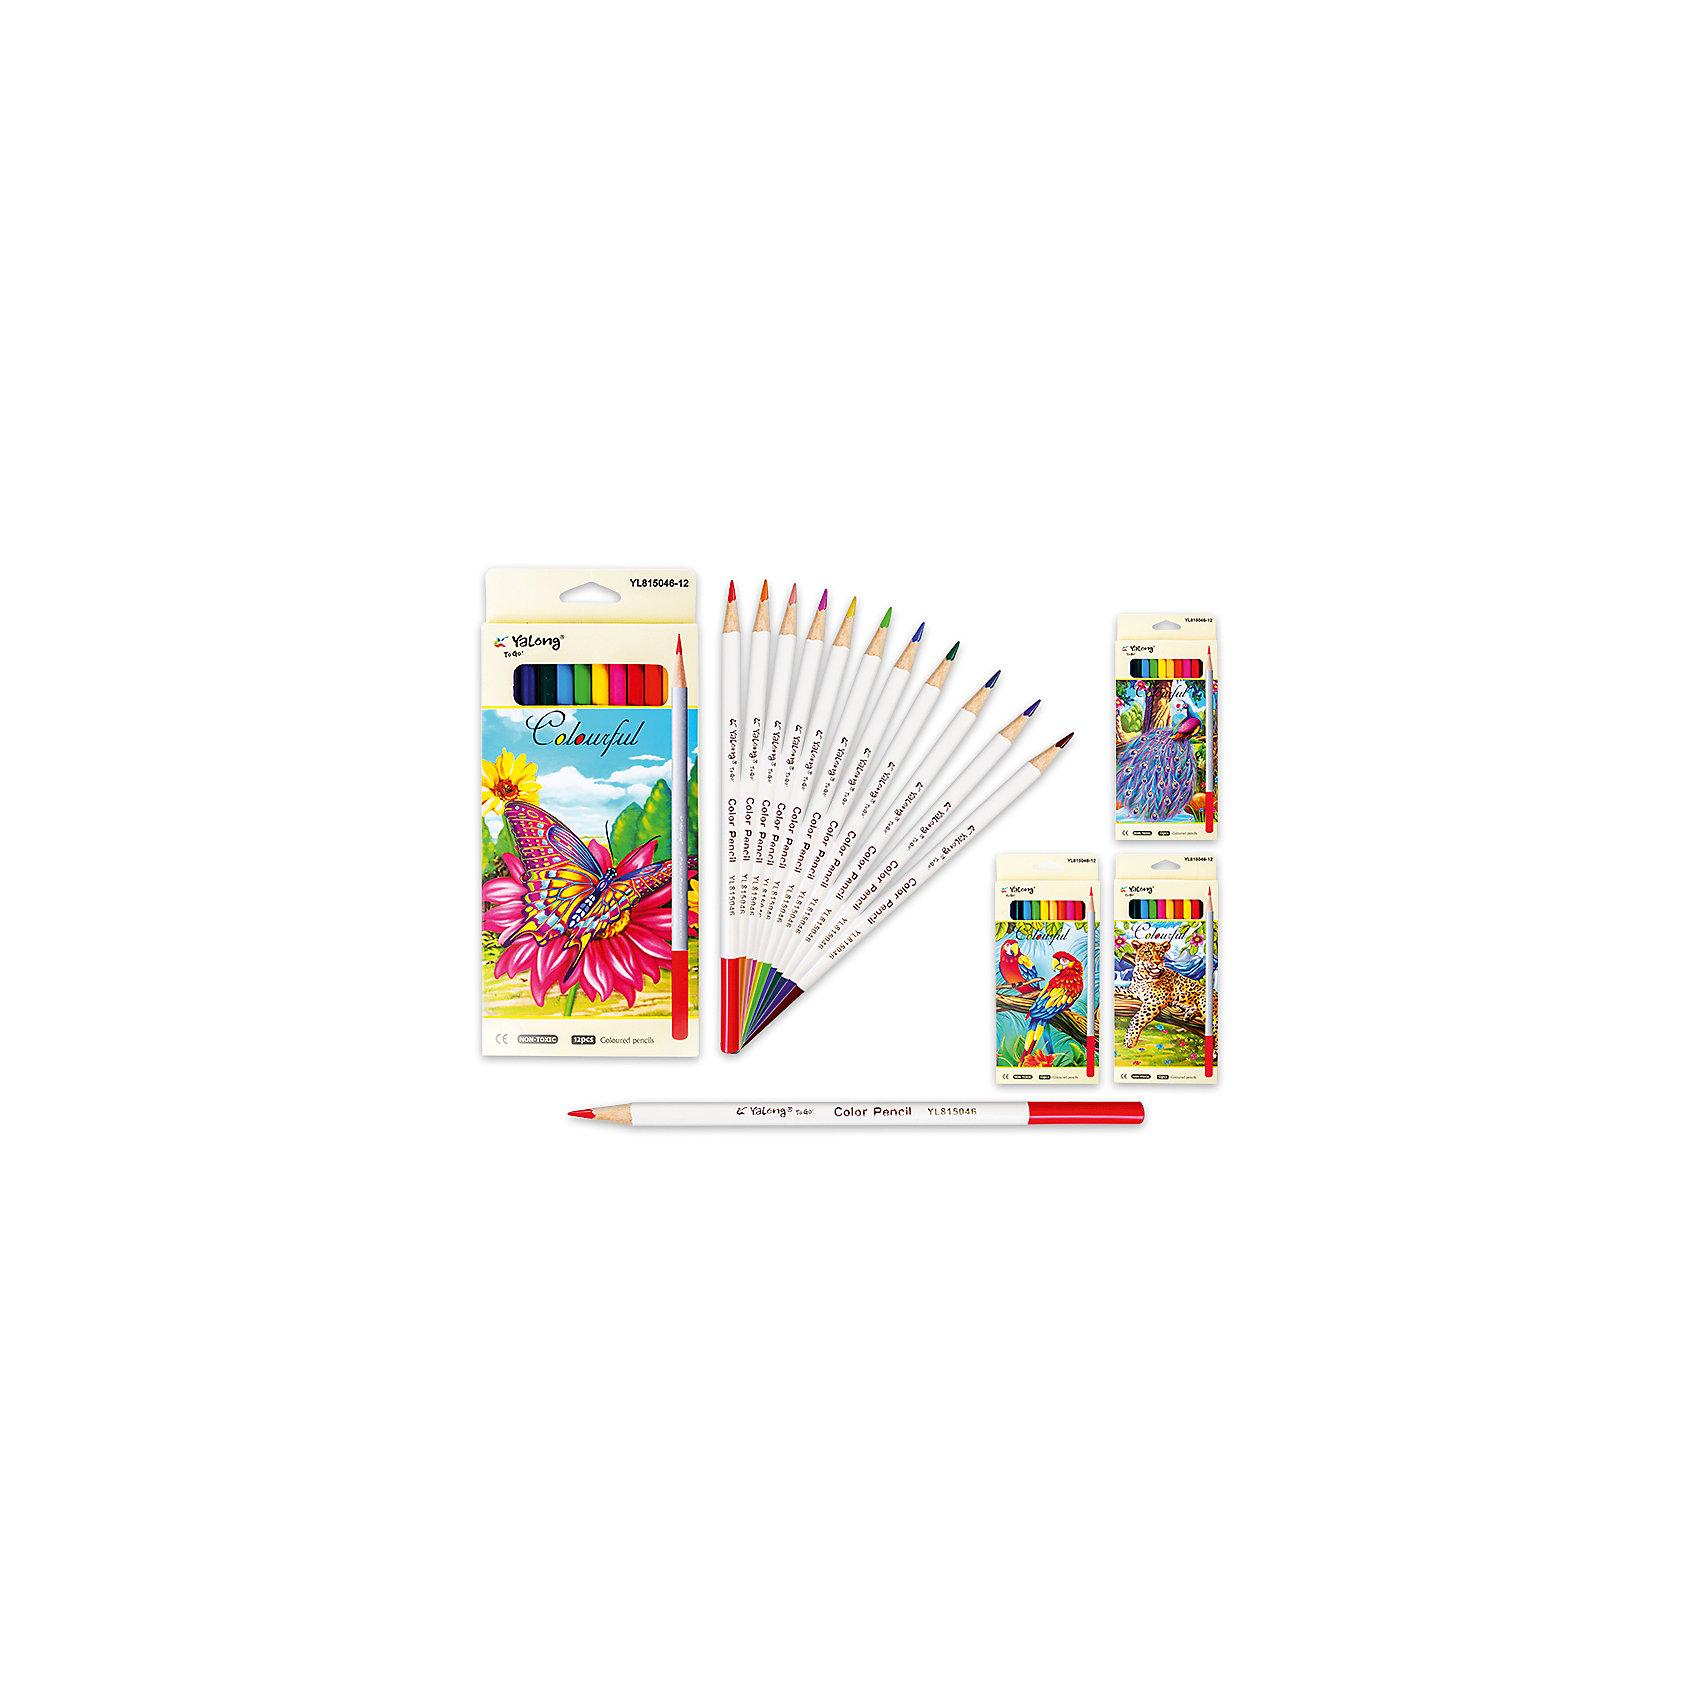 Цветные карандаши, 12 цветов (дизайн в ассортименте)Письменные принадлежности<br>Набор цветных карандашей – классический пункт в списке школьных покупок. Качественные карандаши прослужат ребенку не один год даже при активном использовании. Важно подобрать набор с яркими цветами, мягким, но прочным стержнем и грифелем с легкой растушевкой. Данная модель набора цветных карандашей – отличный выбор для обновки школьного пенала. Карандаши имеют круглый бежевый корпус с цветным окончанием, что выглядит стильно. Все материалы, использованные при изготовлении, отвечают международным требованиям по качеству и безопасности.<br><br>Дополнительная информация: <br><br>количество цветов: 12 шт;<br>материал: дерево.<br><br>Цветные карандаши, 12 цветов (дизайн в ассортименте) можно приобрести в нашем магазине.<br><br>Ширина мм: 100<br>Глубина мм: 100<br>Высота мм: 10<br>Вес г: 50<br>Возраст от месяцев: 36<br>Возраст до месяцев: 120<br>Пол: Унисекс<br>Возраст: Детский<br>SKU: 4993597